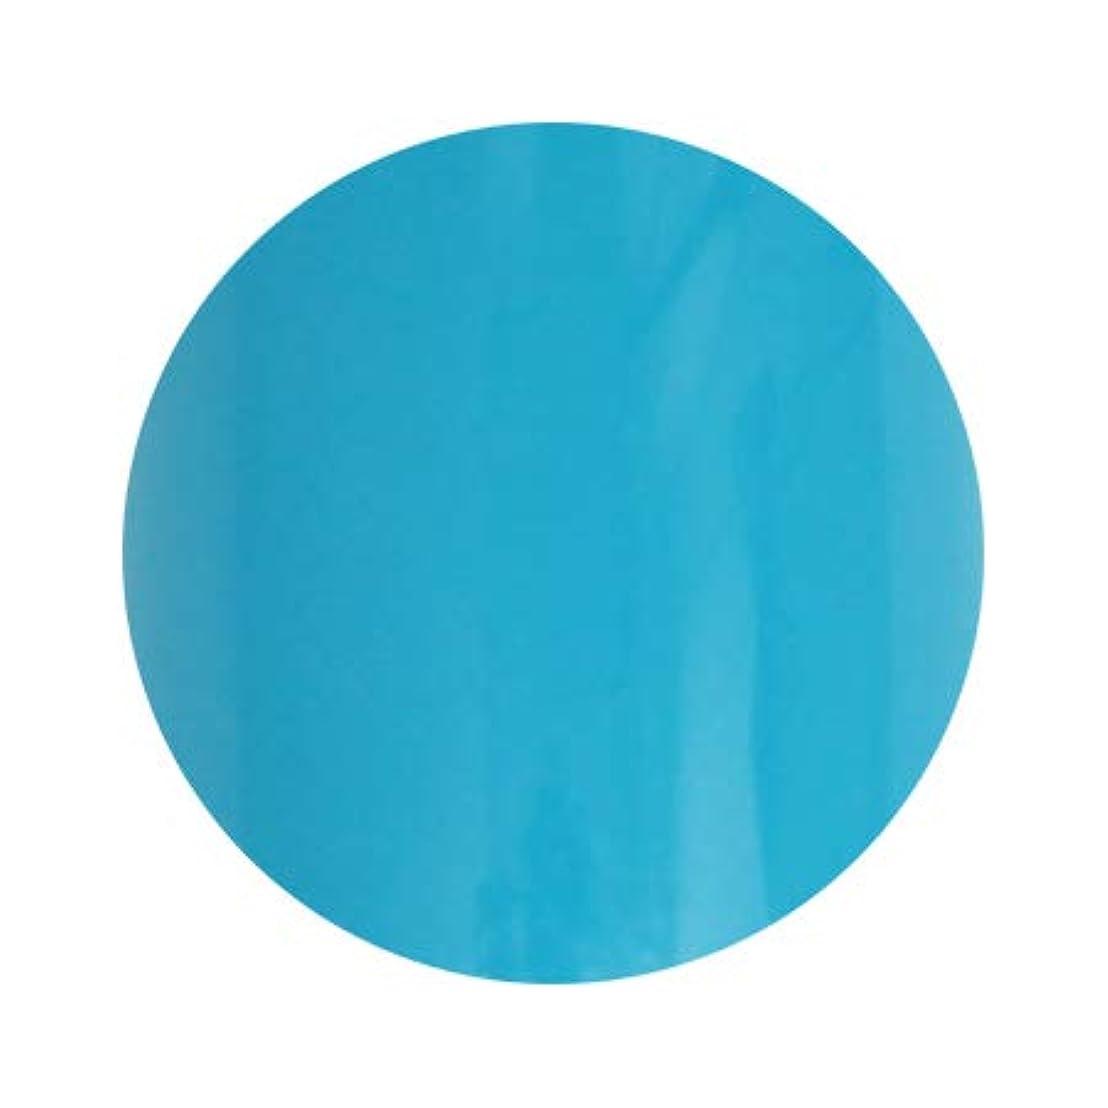 社会主義者スペード怠けたLUCU GEL ルクジェル カラー BLM14 ネイティブブルー 3.5g